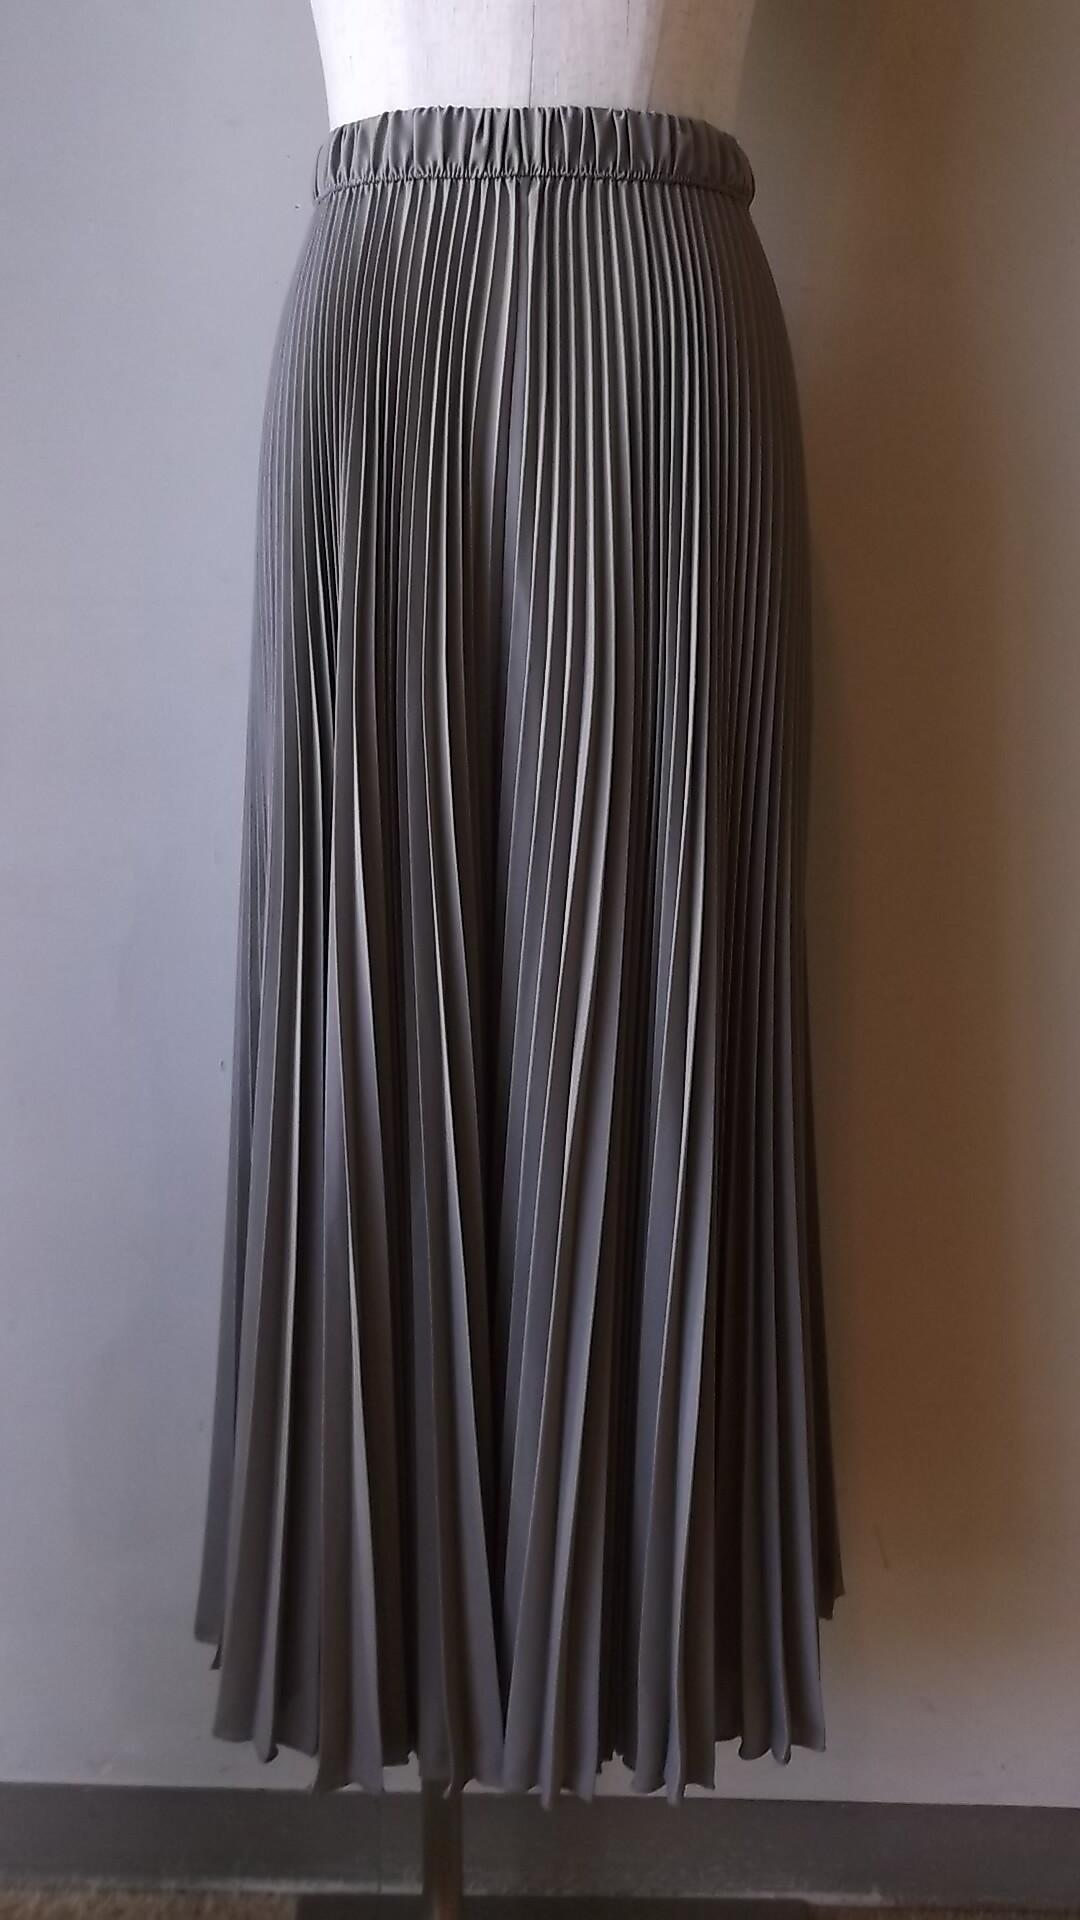 DSCF9257 (1)